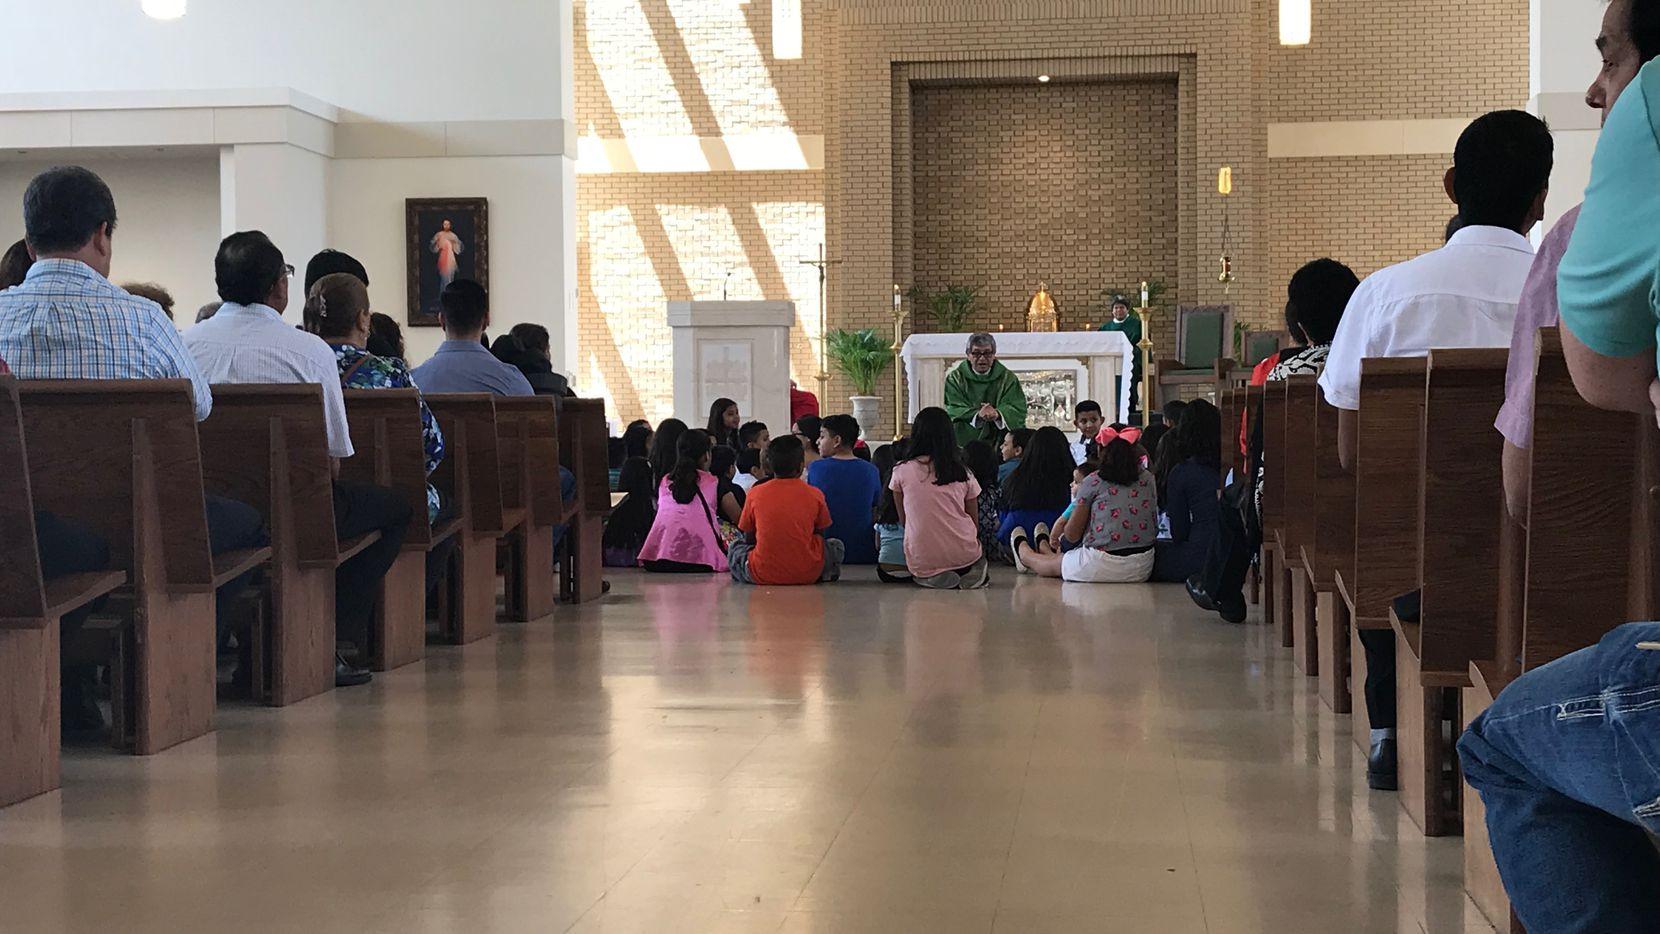 El padre Martín Moreno llamó a un grupo de niños que asistían a su misa antes de referirse al escándalo que azota a la iglesia Santa Cecilia. JAVIER GIRIBET/DMN